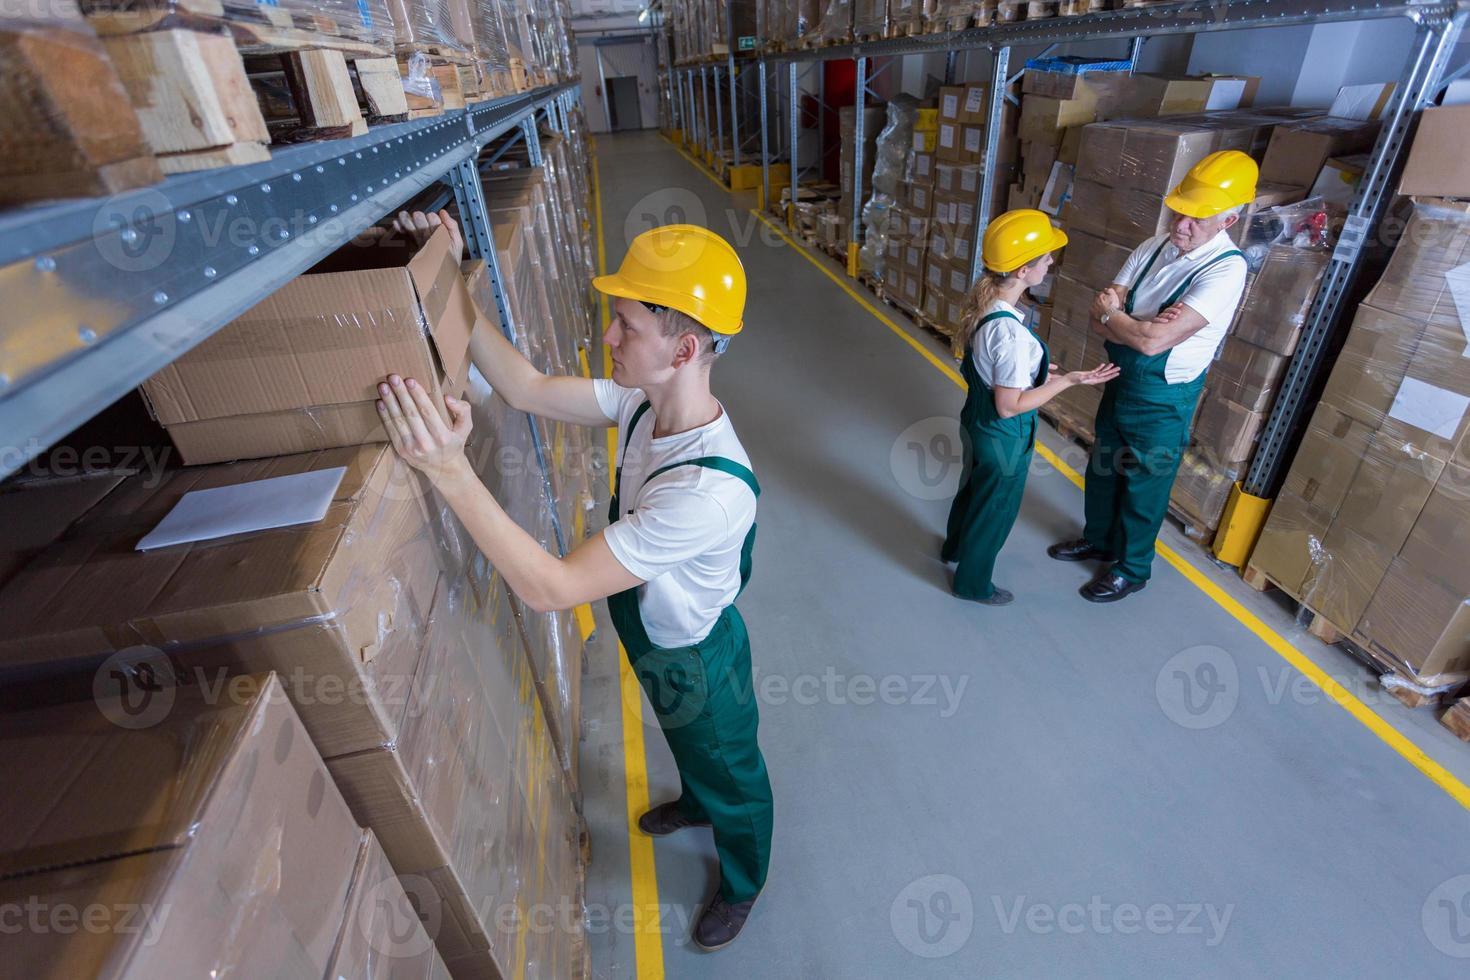 fabrieksarbeiders in magazijn foto